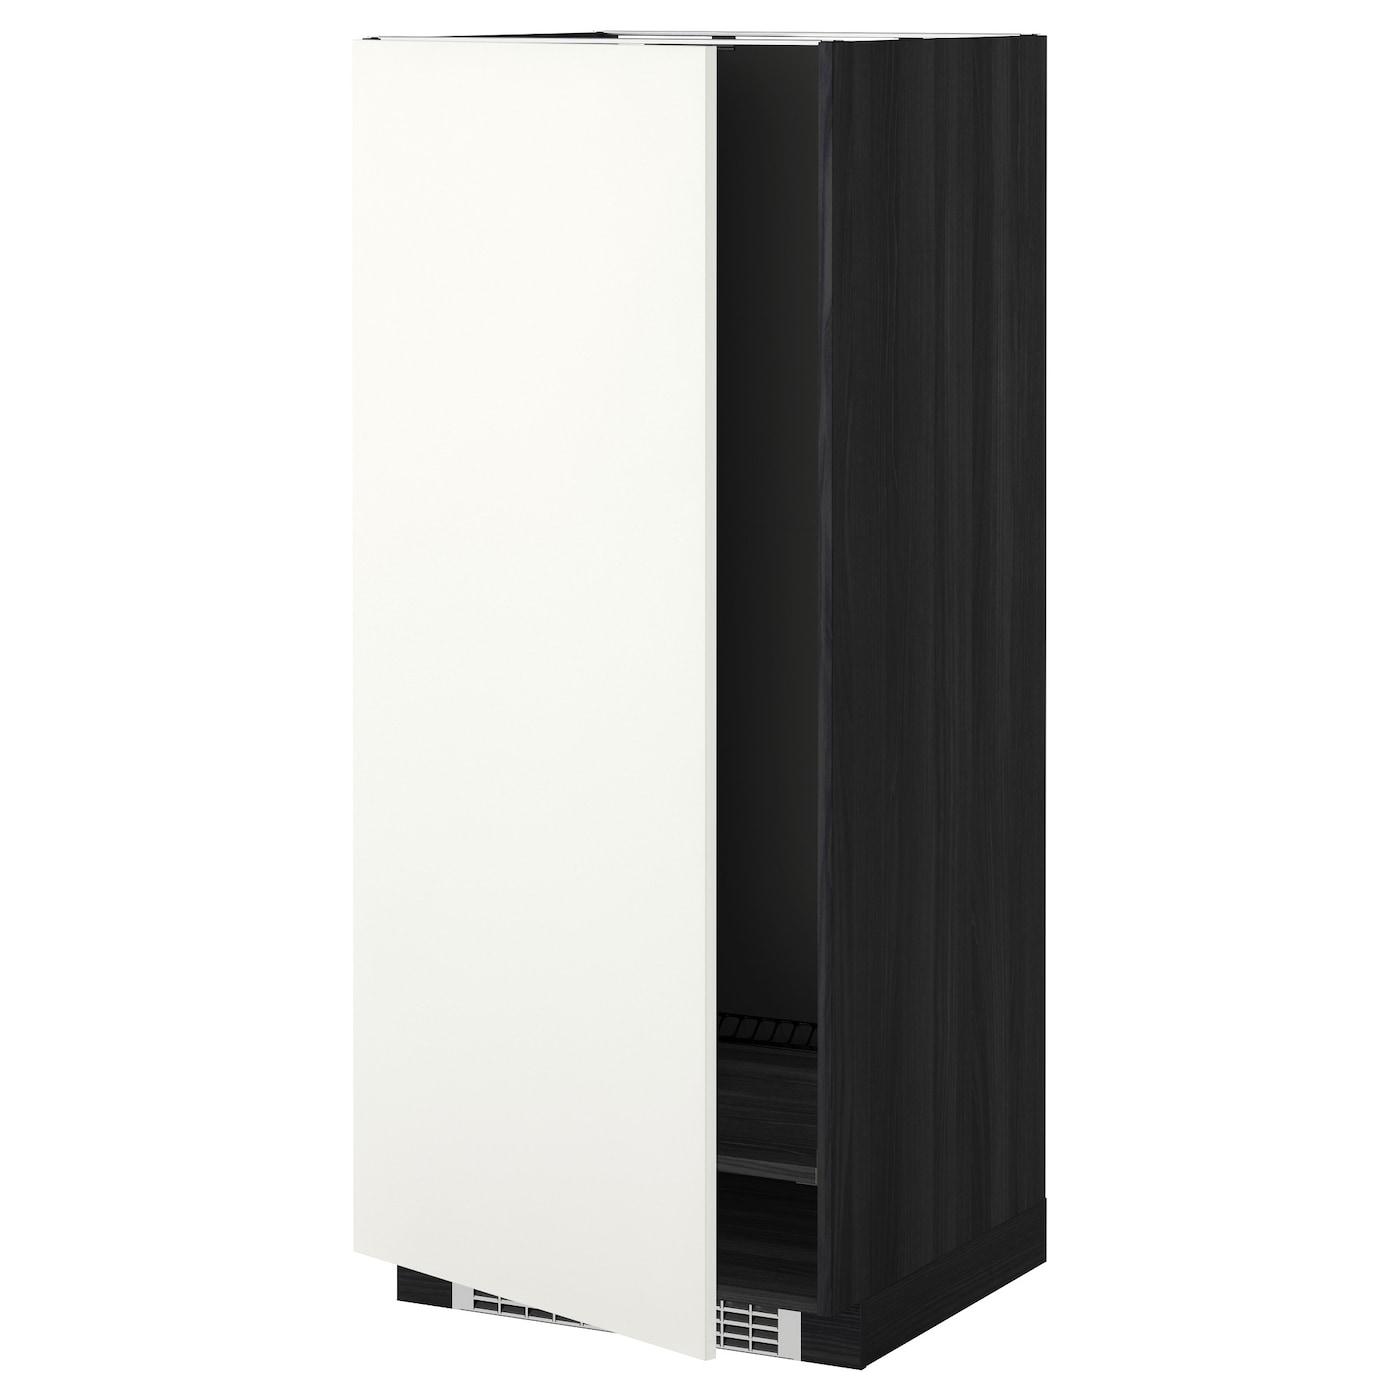 METOD, Hochschrank für Kühl-/Gefrierschrank, schwarz 399.253.21